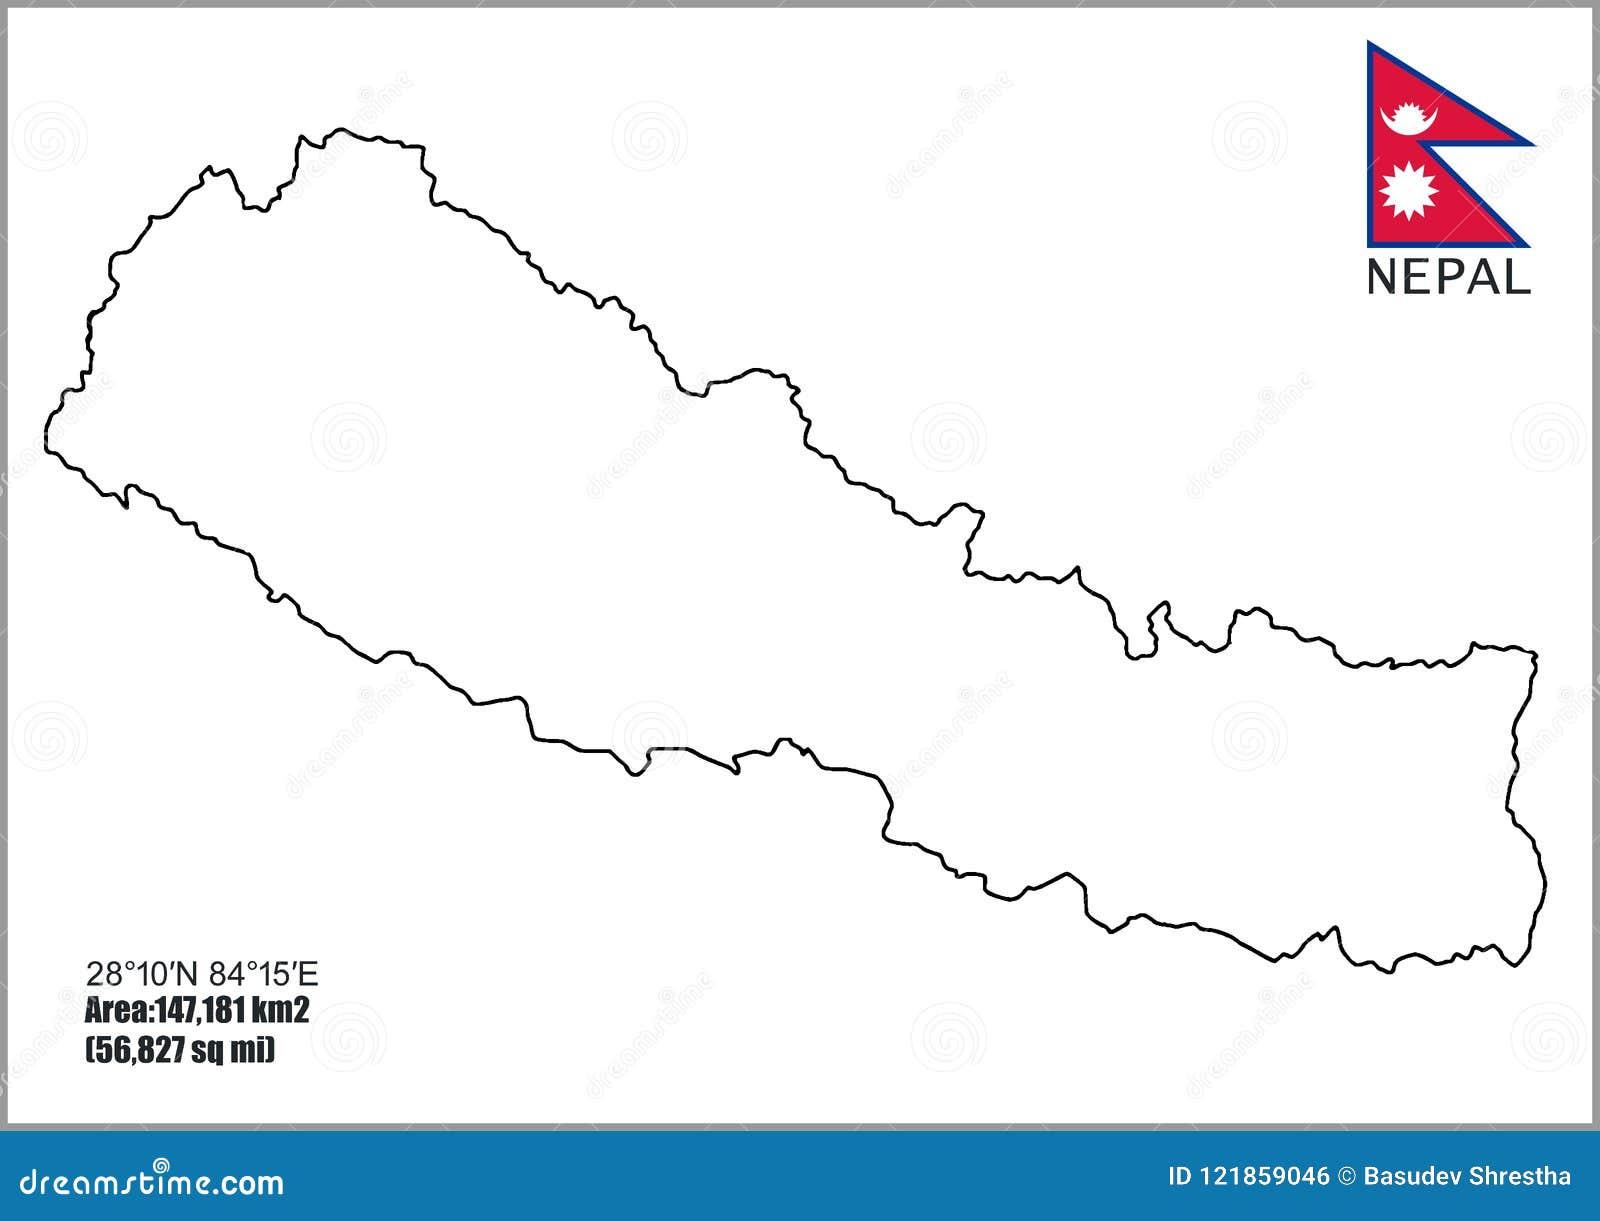 Cartina Dettagliata Del Nepal.Mappe Del Nepal Mappa Dettagliata Del Nepal Illustrazione Di